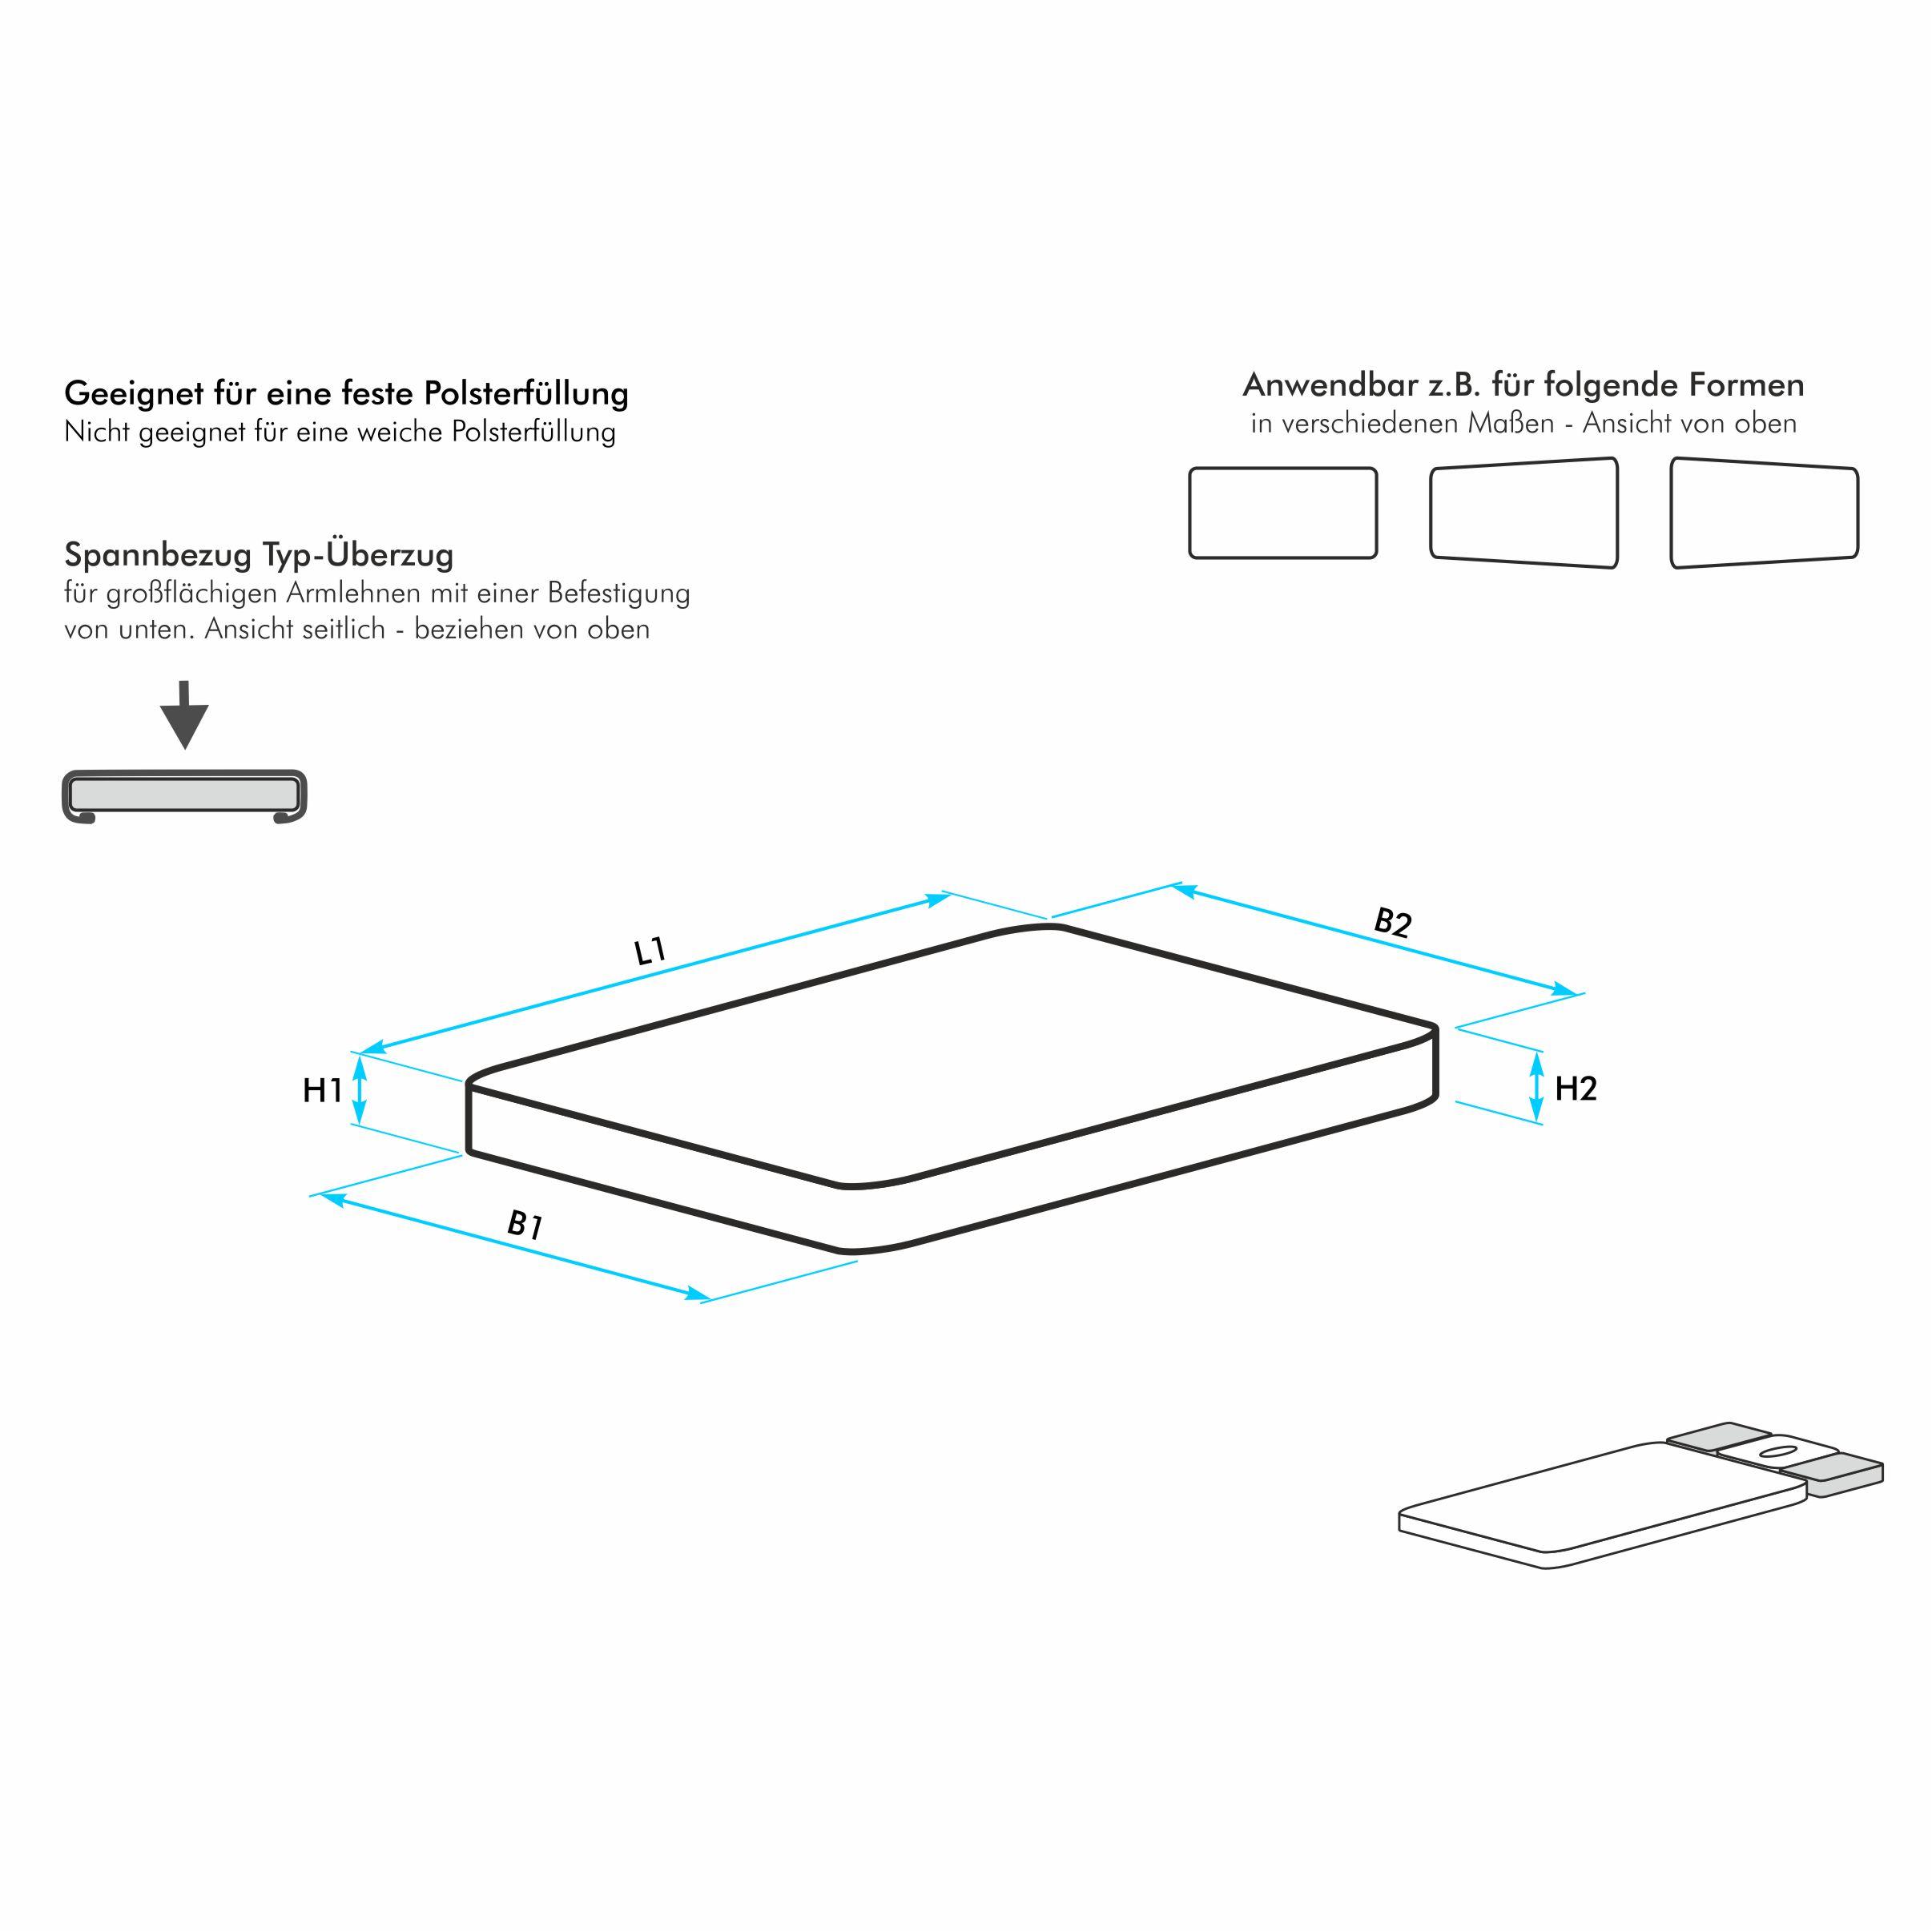 armlehnenbezug f r eine 4 eckige gro fl chige armlehne mit leicht abgerundeten ecken harti. Black Bedroom Furniture Sets. Home Design Ideas